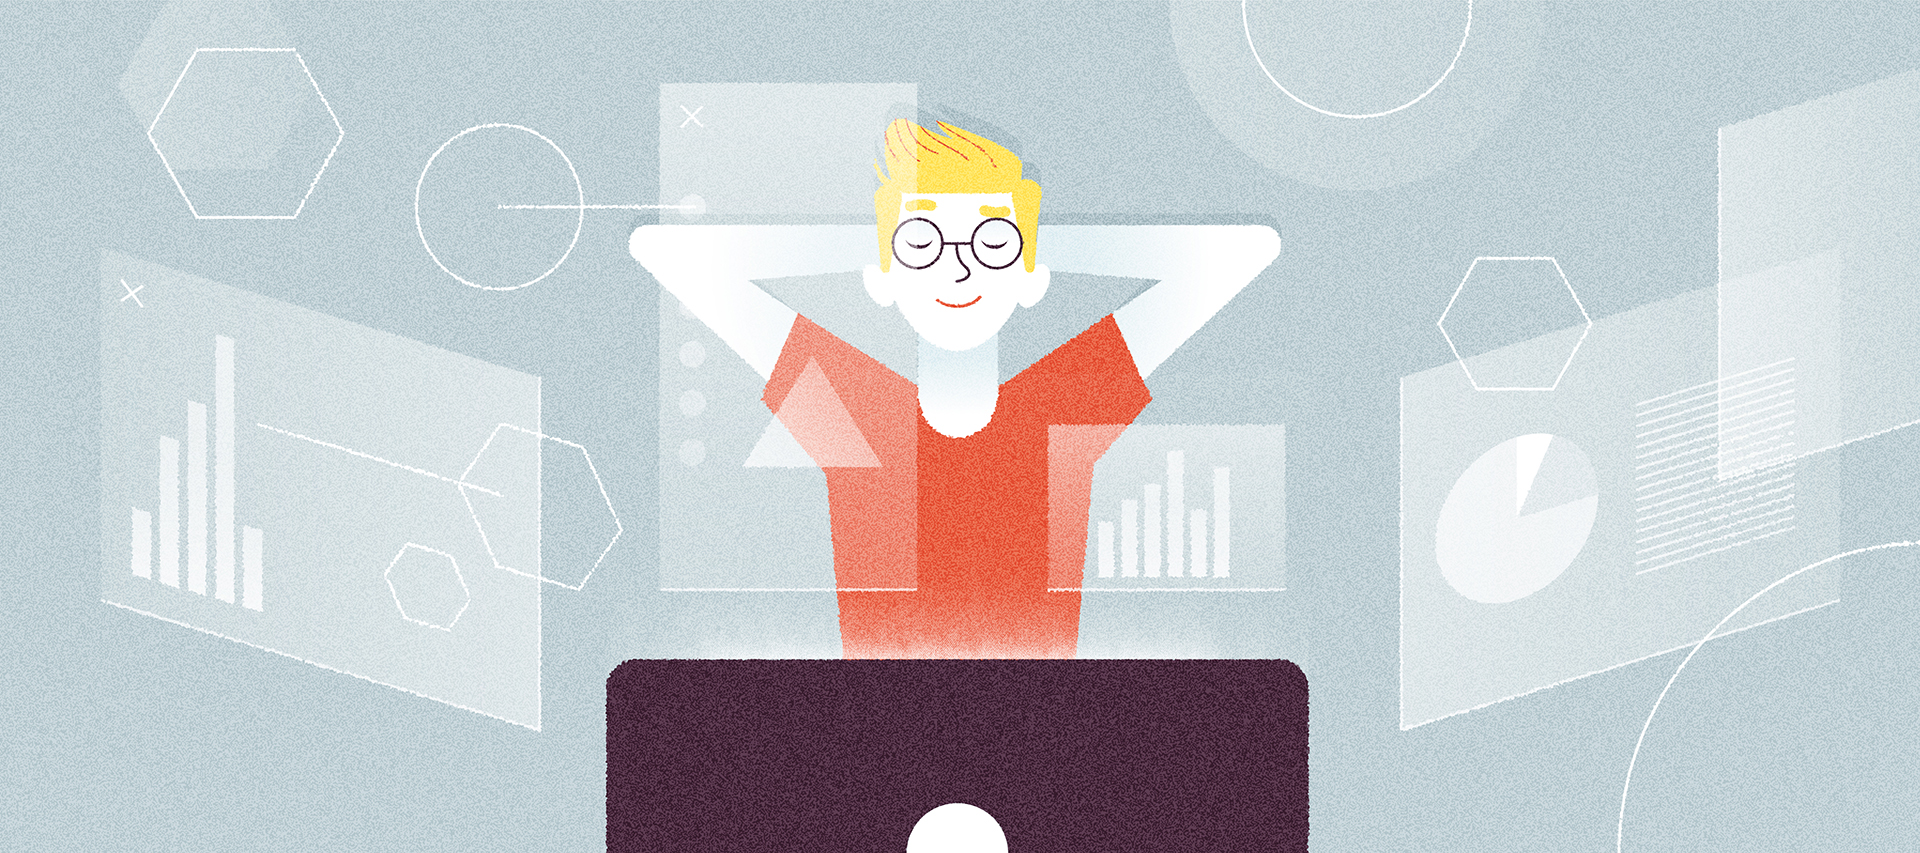 utente soddisfatto dopo aver dialogato con un'azienda tramite un chatbot